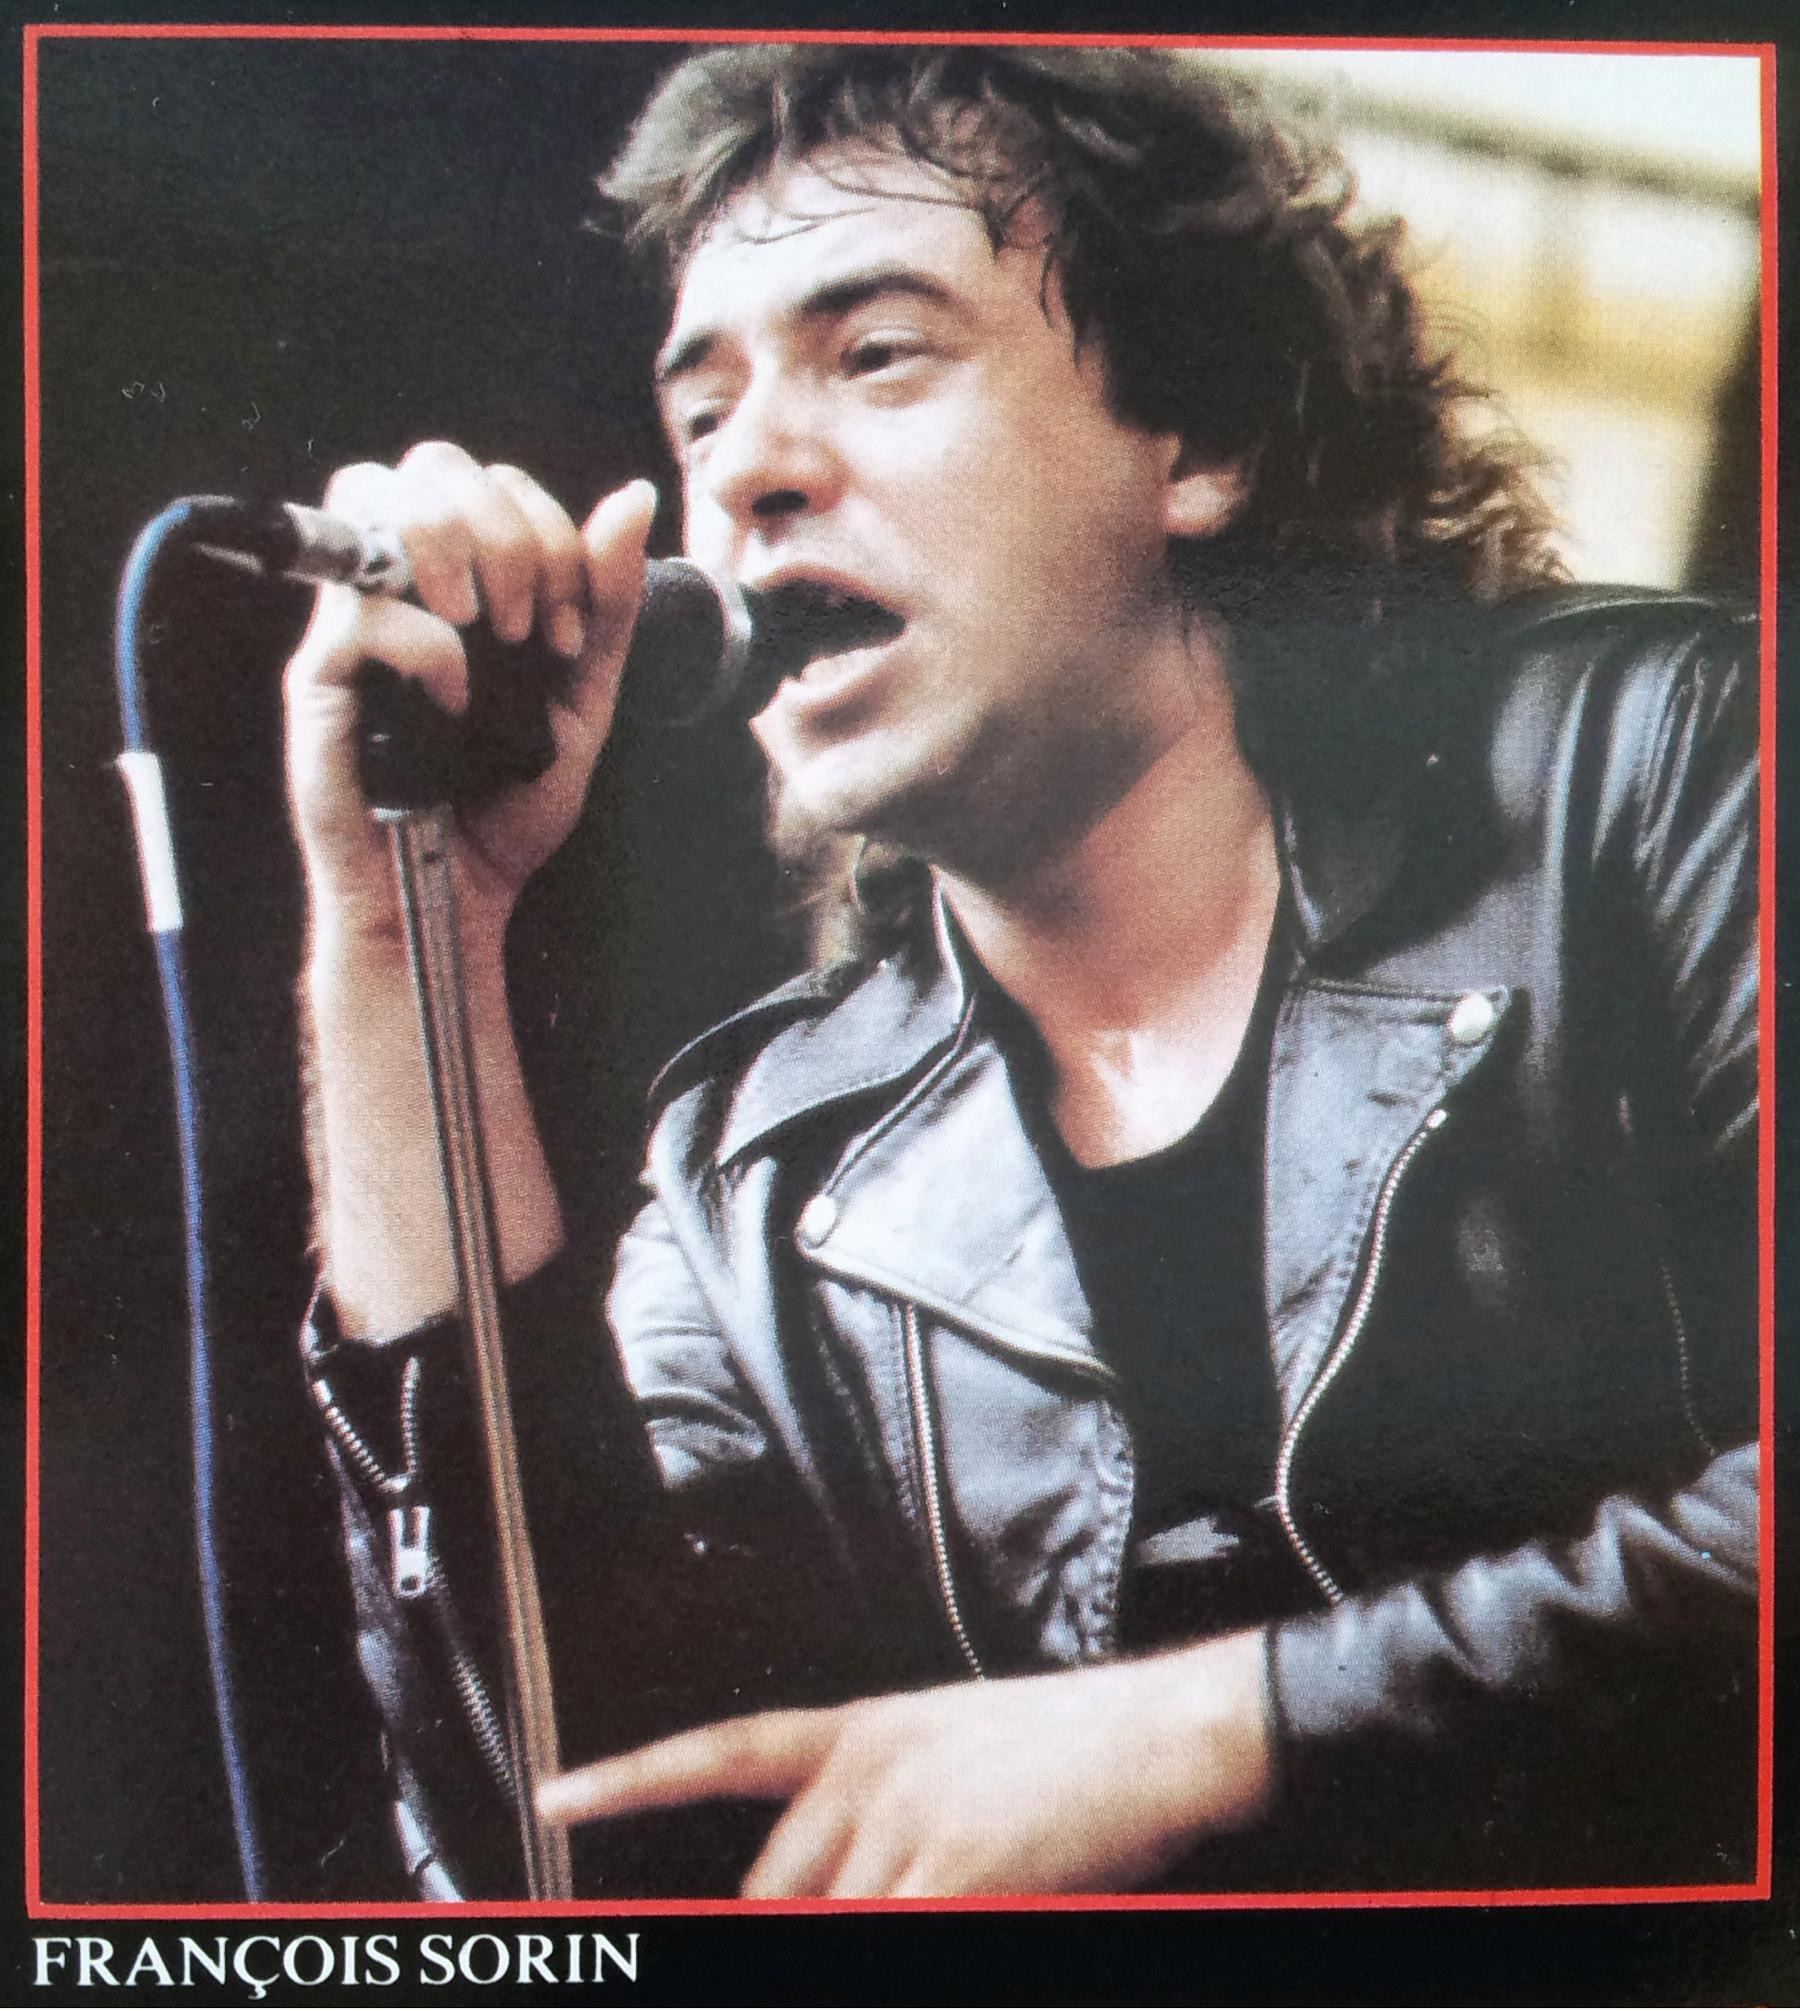 DUM DUM BULLET 1er album (1986) 33 tours - le vinyle vu de plus près ...   Dum_du15